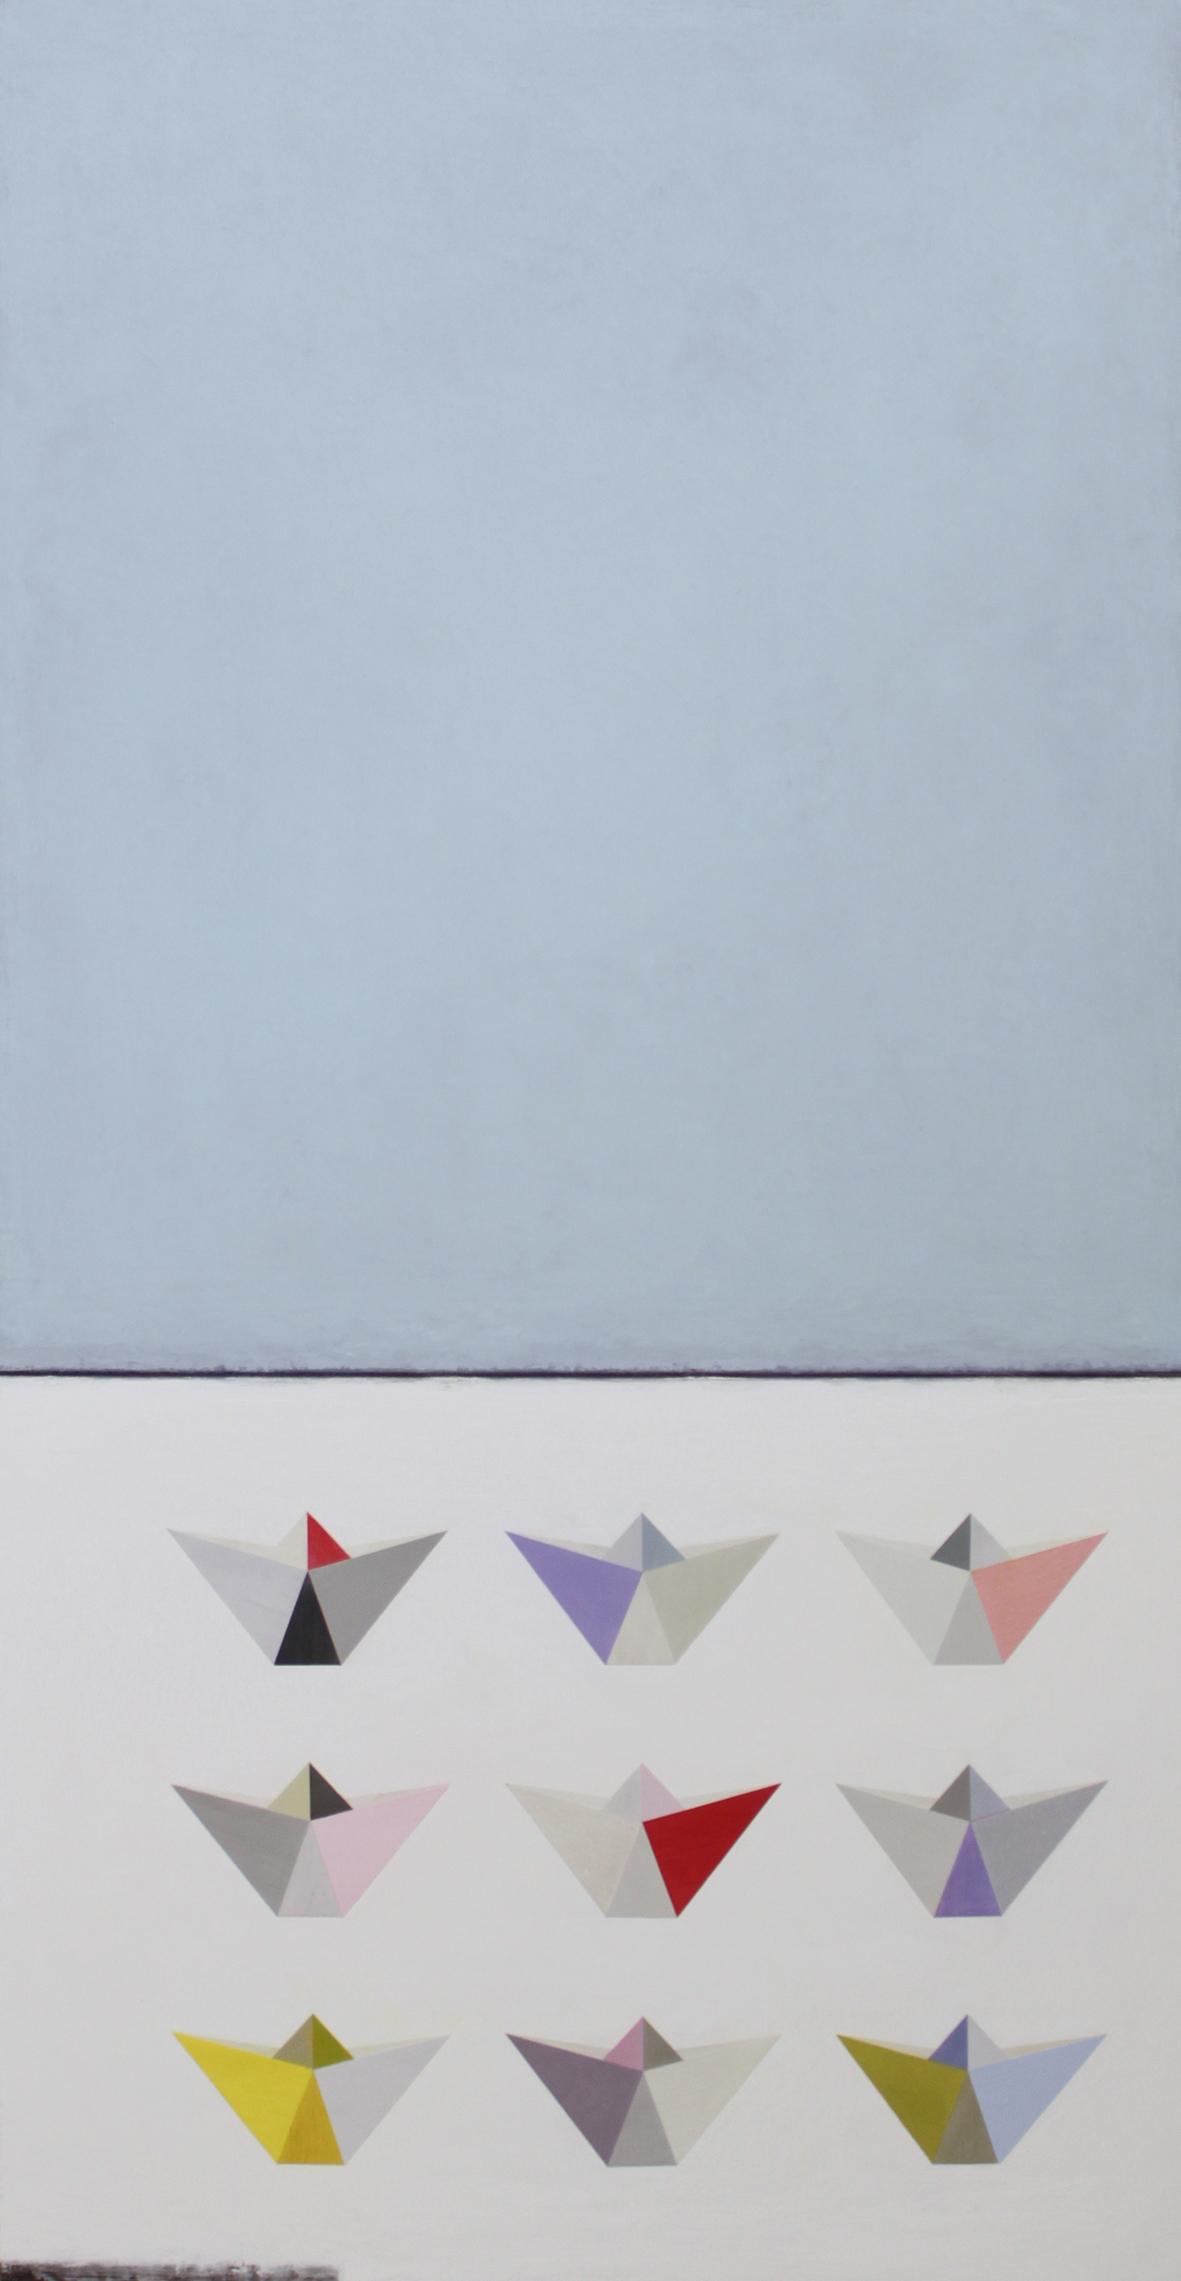 9 Origami boats 62x122cm oil gouache & graphite on canvas